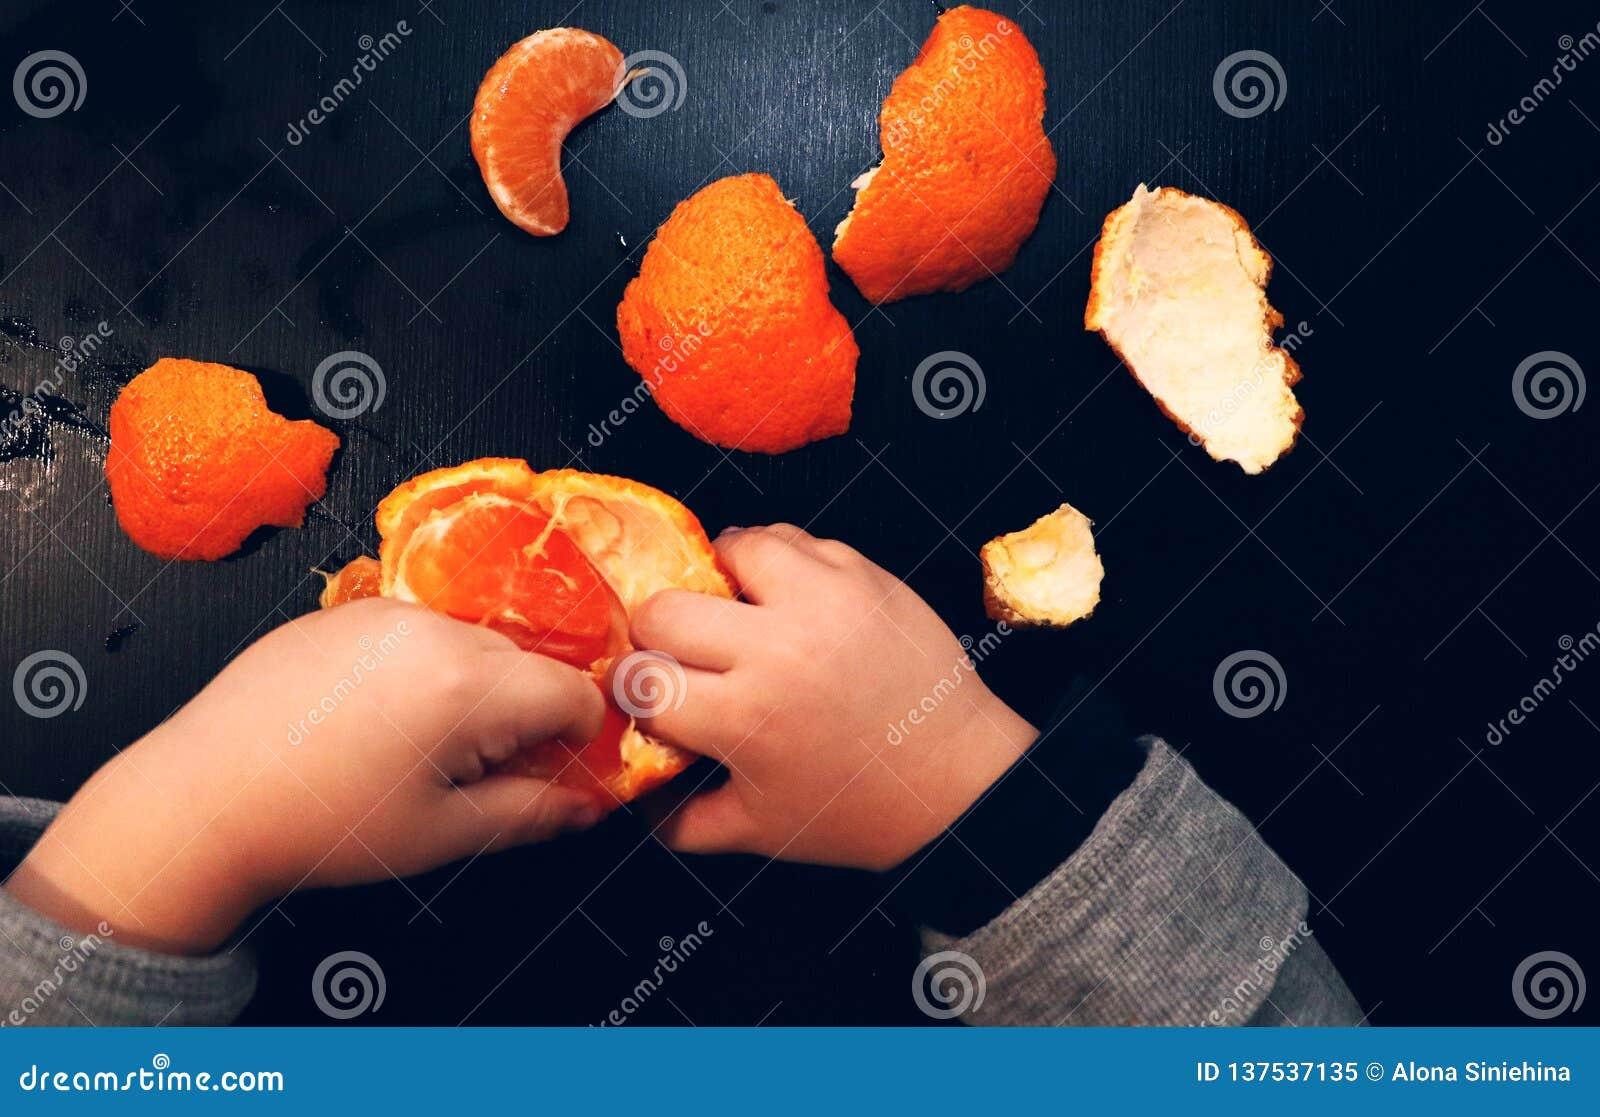 Τα χέρια των παιδιών βουρτσίζουν το μανταρίνι σε ένα μαύρο υπόβαθρο Το παιδί φθάνει για μια φέτα του μανταρινιού